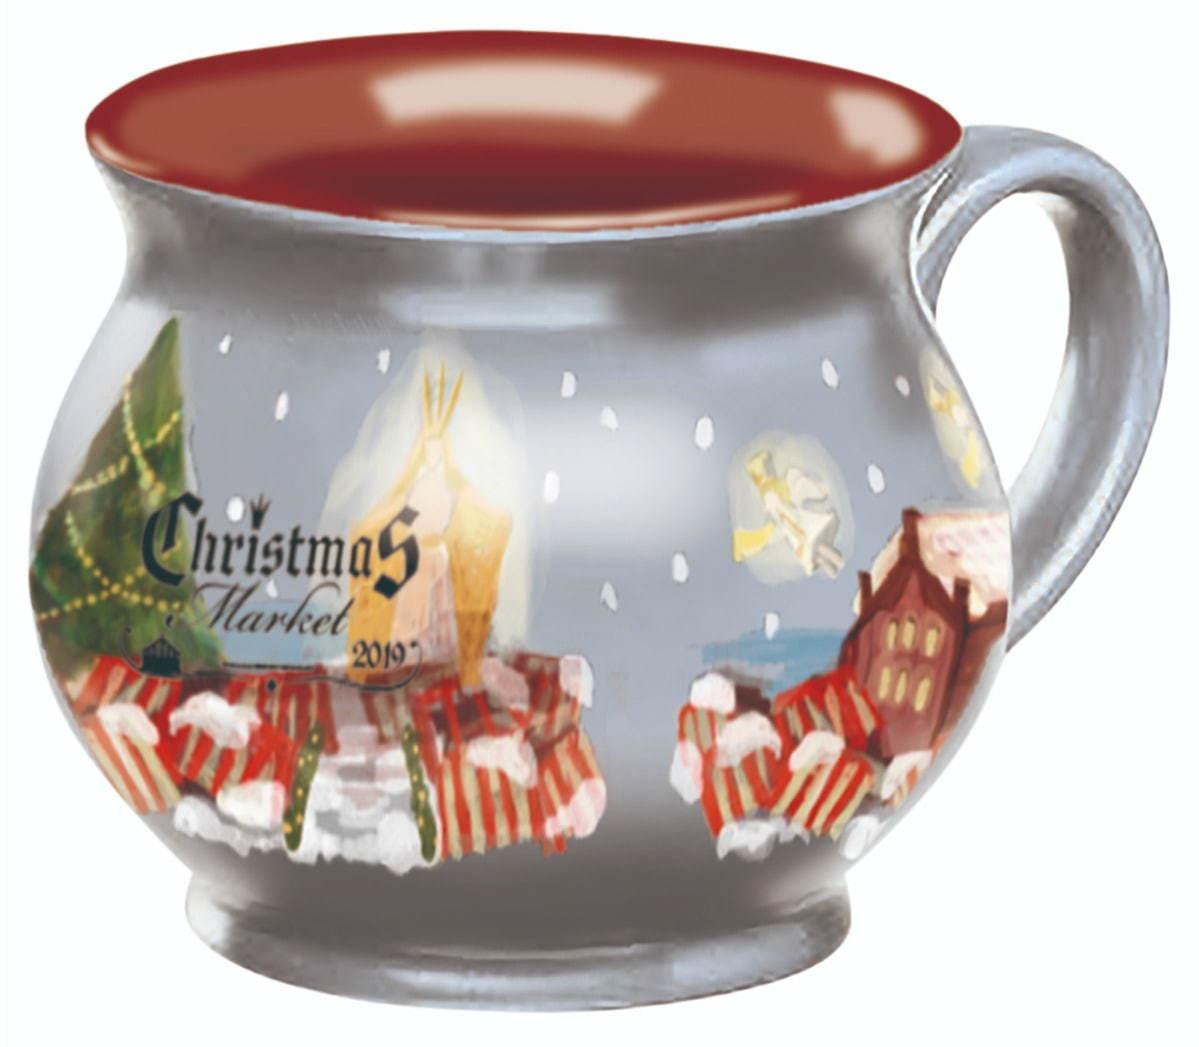 冬のみなとみらいデートにおすすめ♡ 「クリスマスマーケット in 横浜赤レンガ倉庫」が2019年も開催!_9